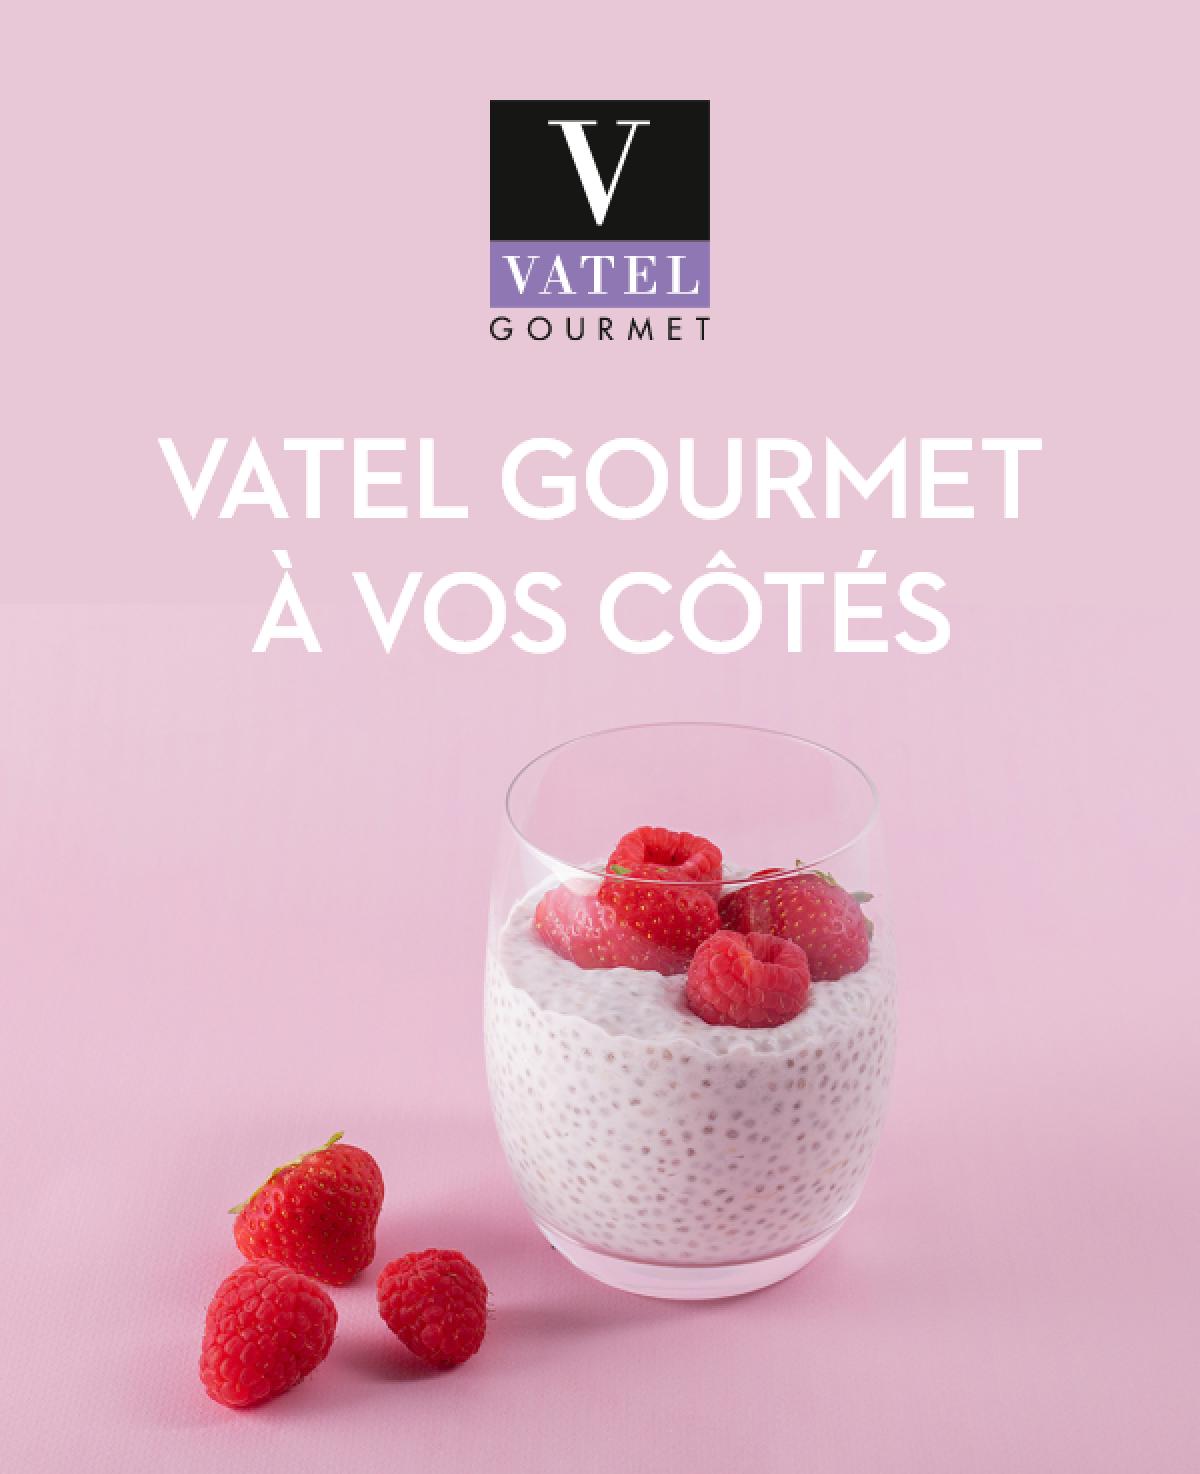 Confinement : Vatel Gourmet reste ouvert !  - Vatel Gourmet